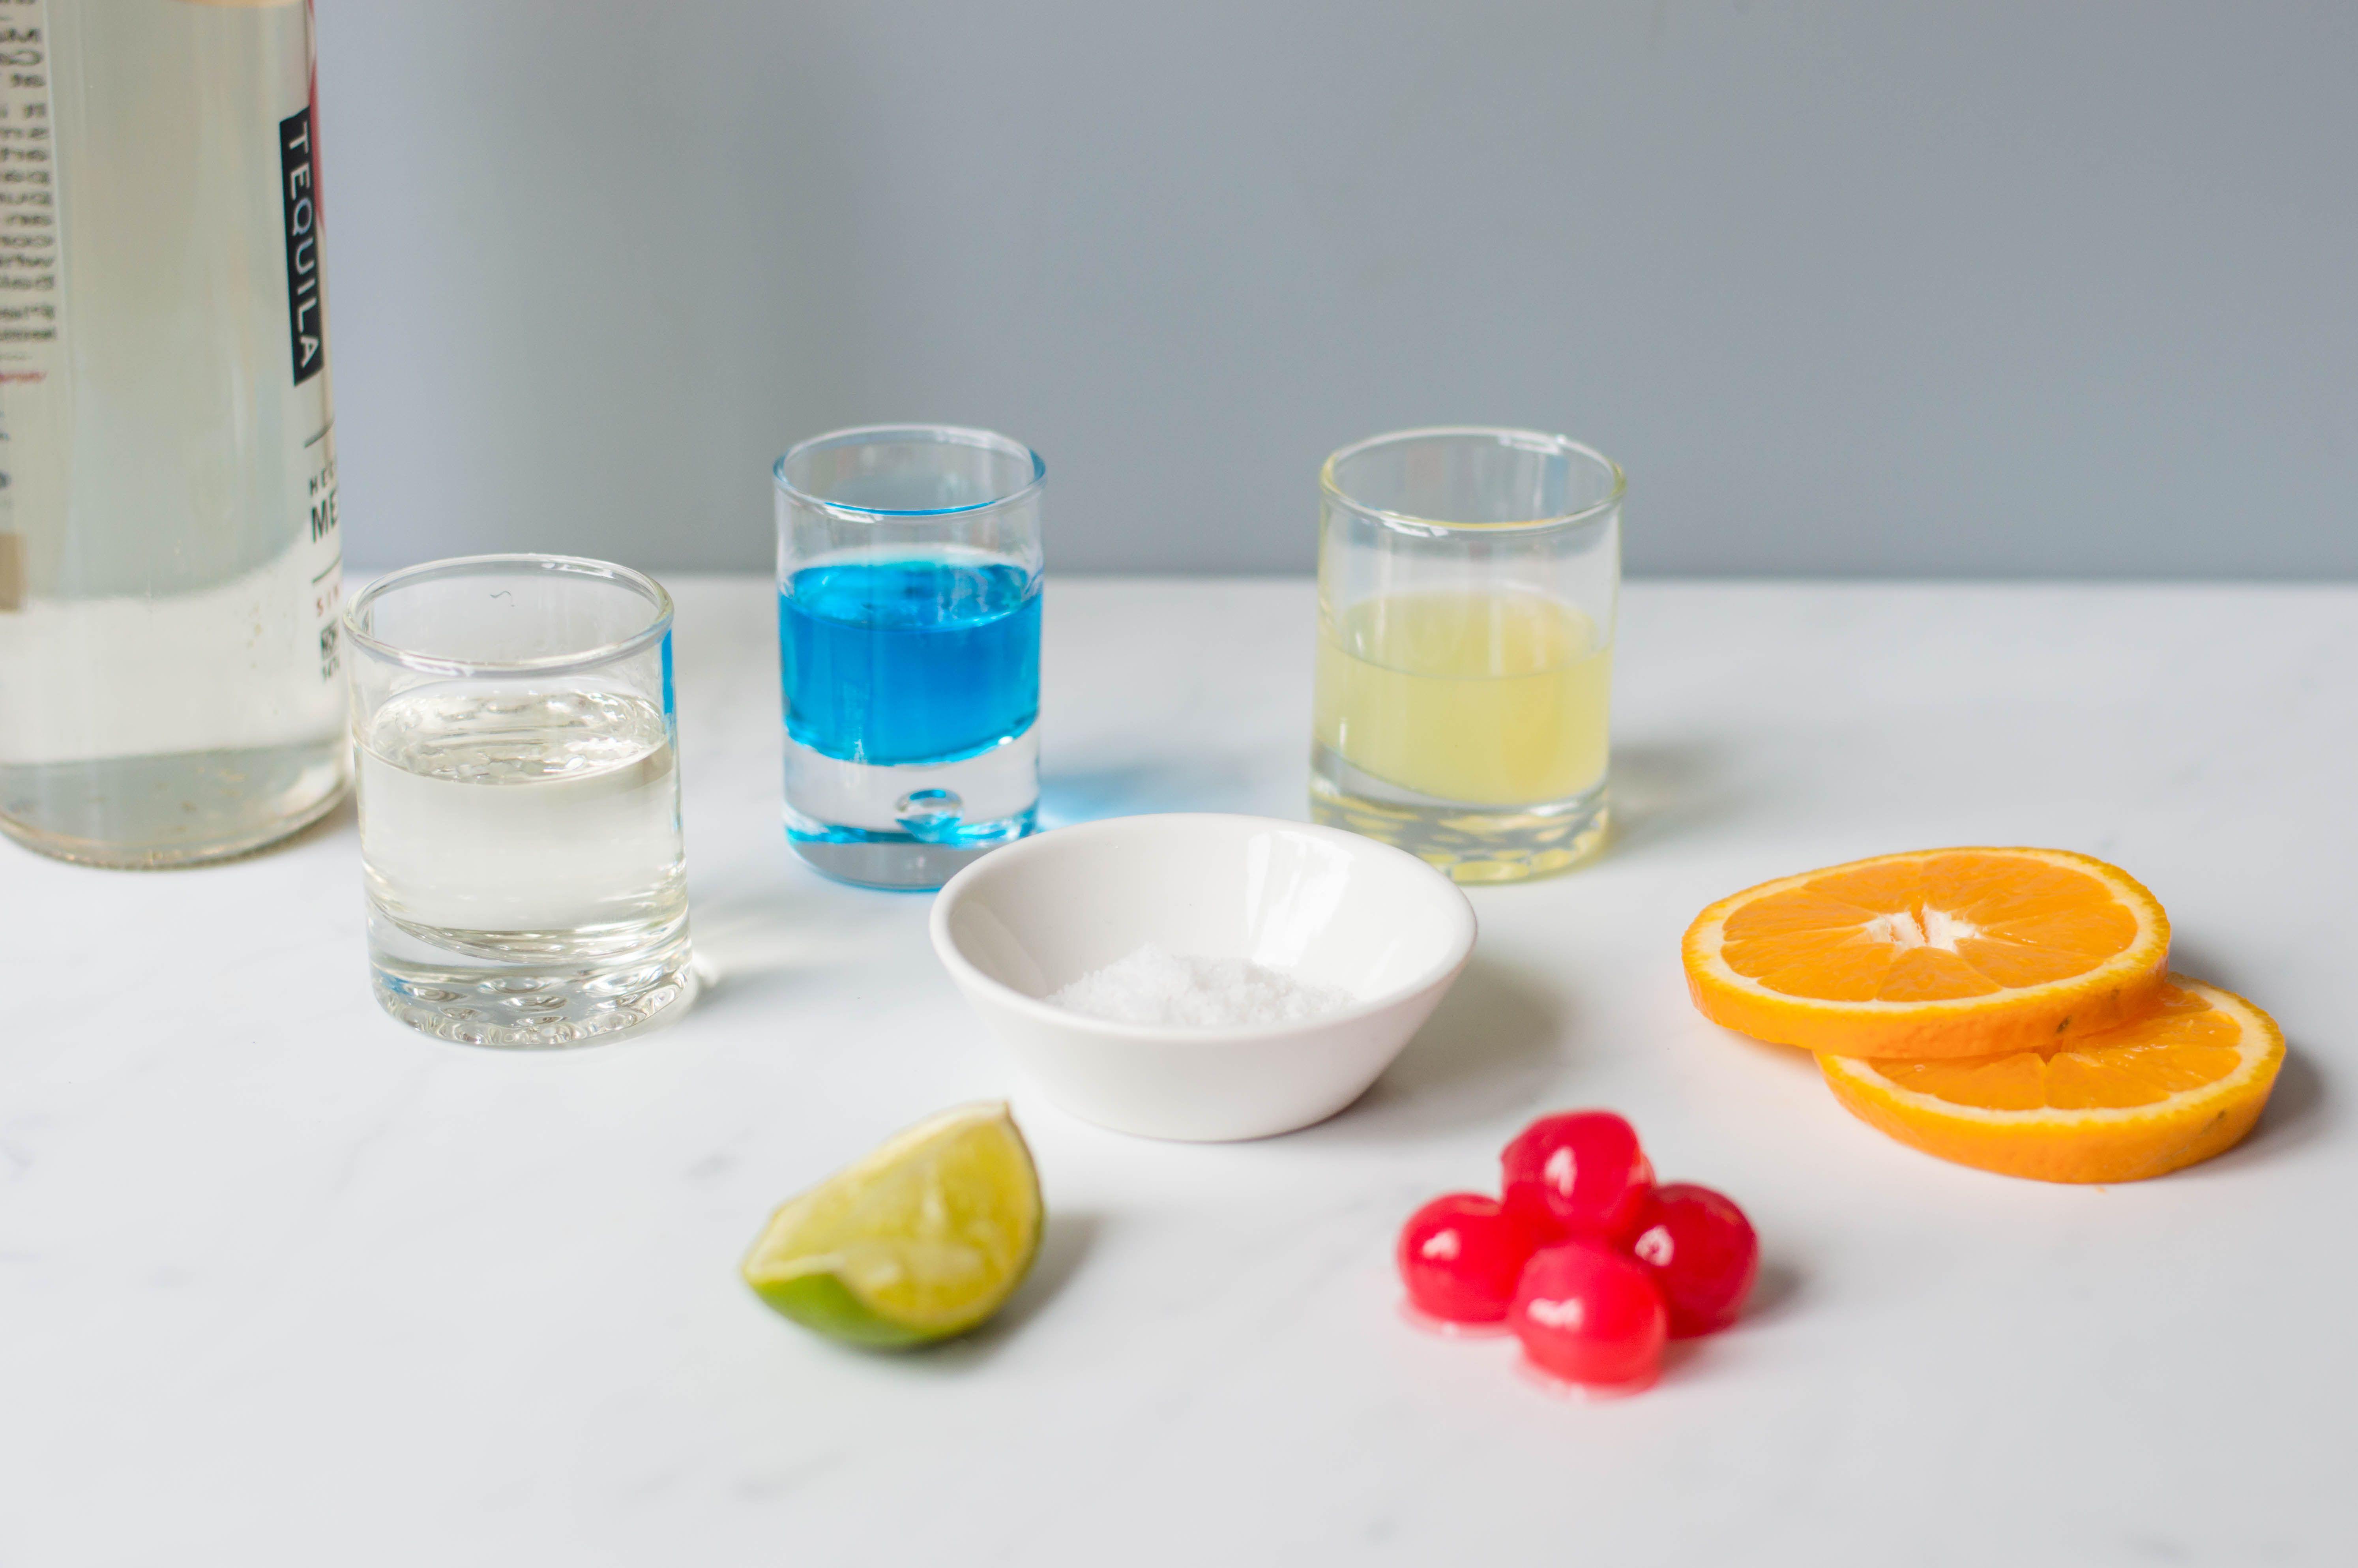 Ingredients to make a blue margarita